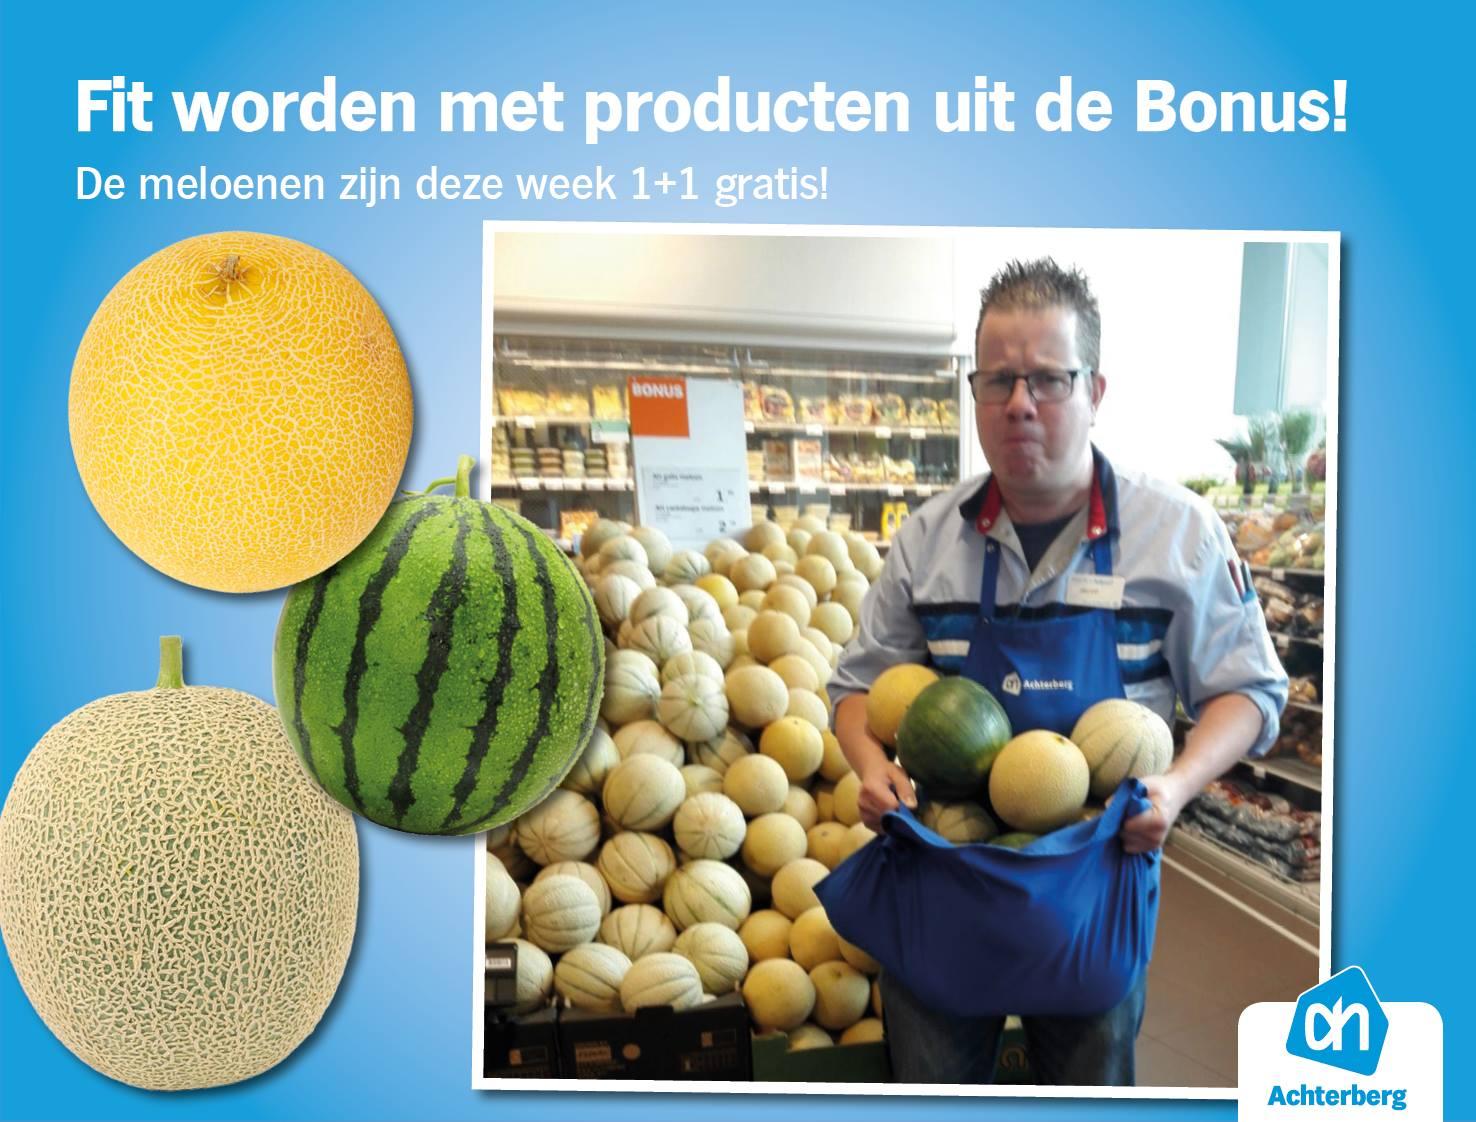 Fit worden met producten uit de Bonus; een workout met meloenen!